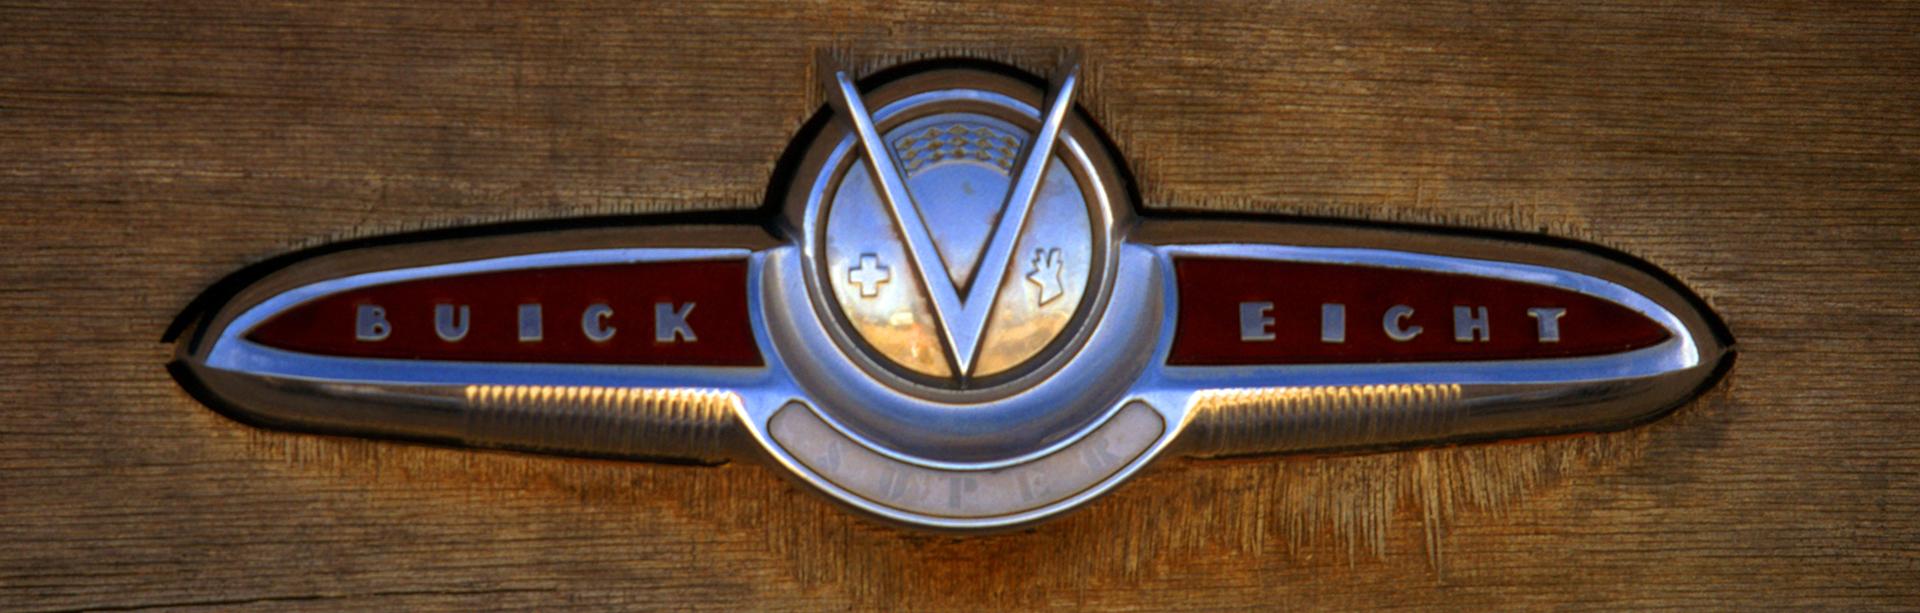 1x3W-buick-emb-0280